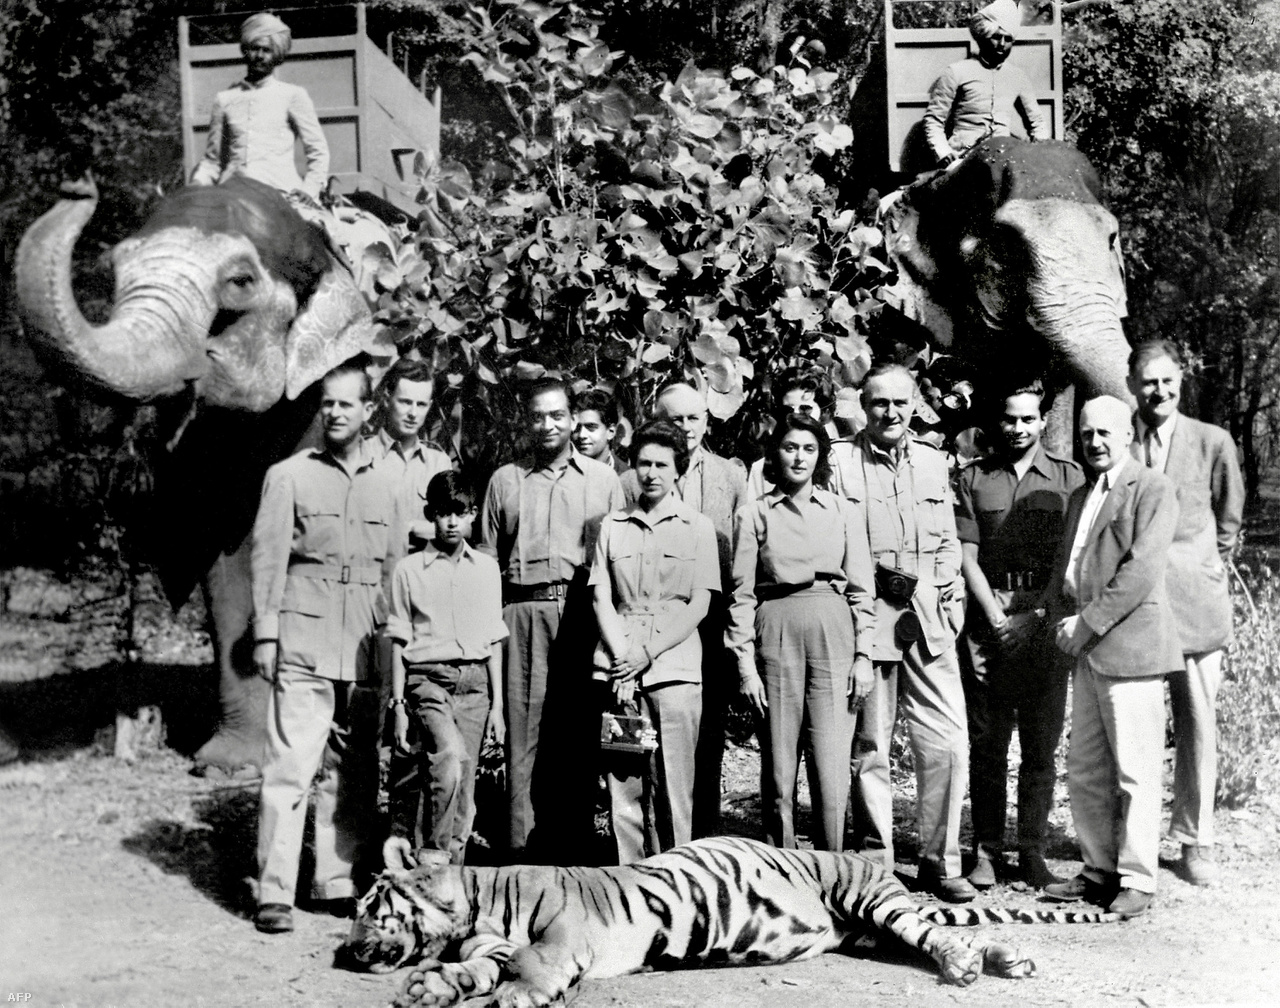 A királynő és férje 1961-es dzsaipuri látogatásán. A kép előterében fekvő tigrist Fülöp herceg lőtte le egy vadászaton.